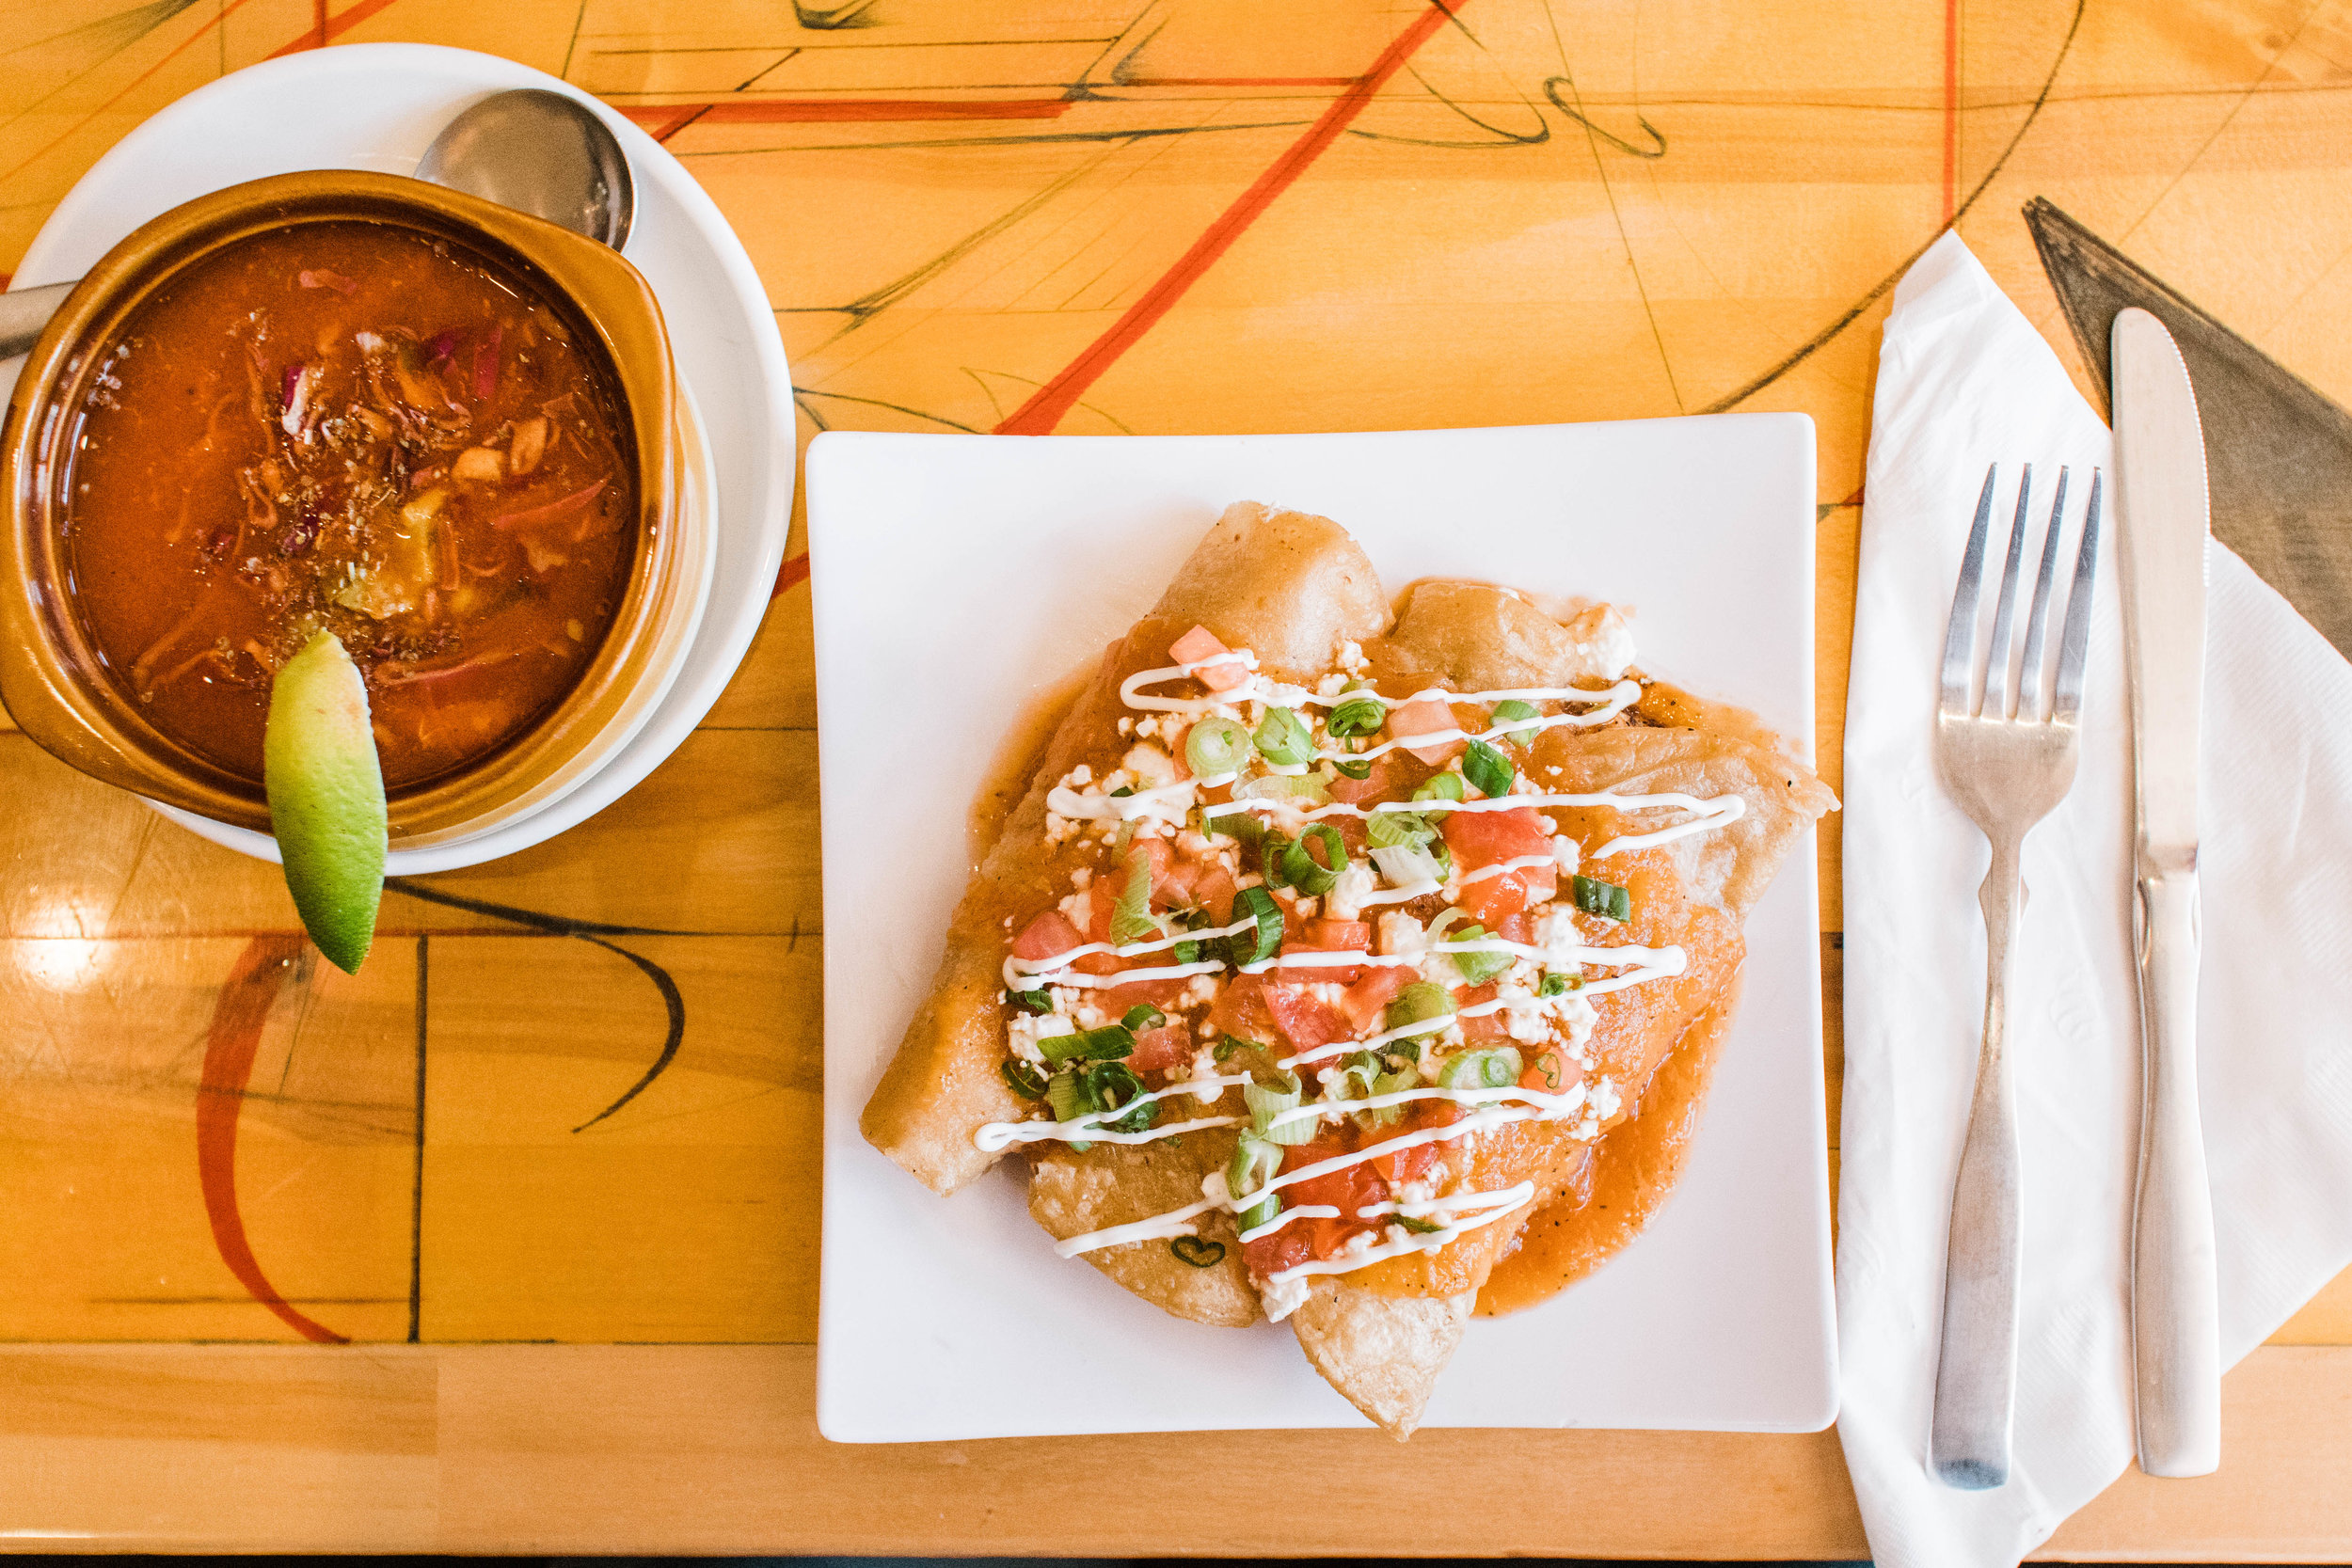 Chicken enchiladas and chicken pozole at Estrella Negra